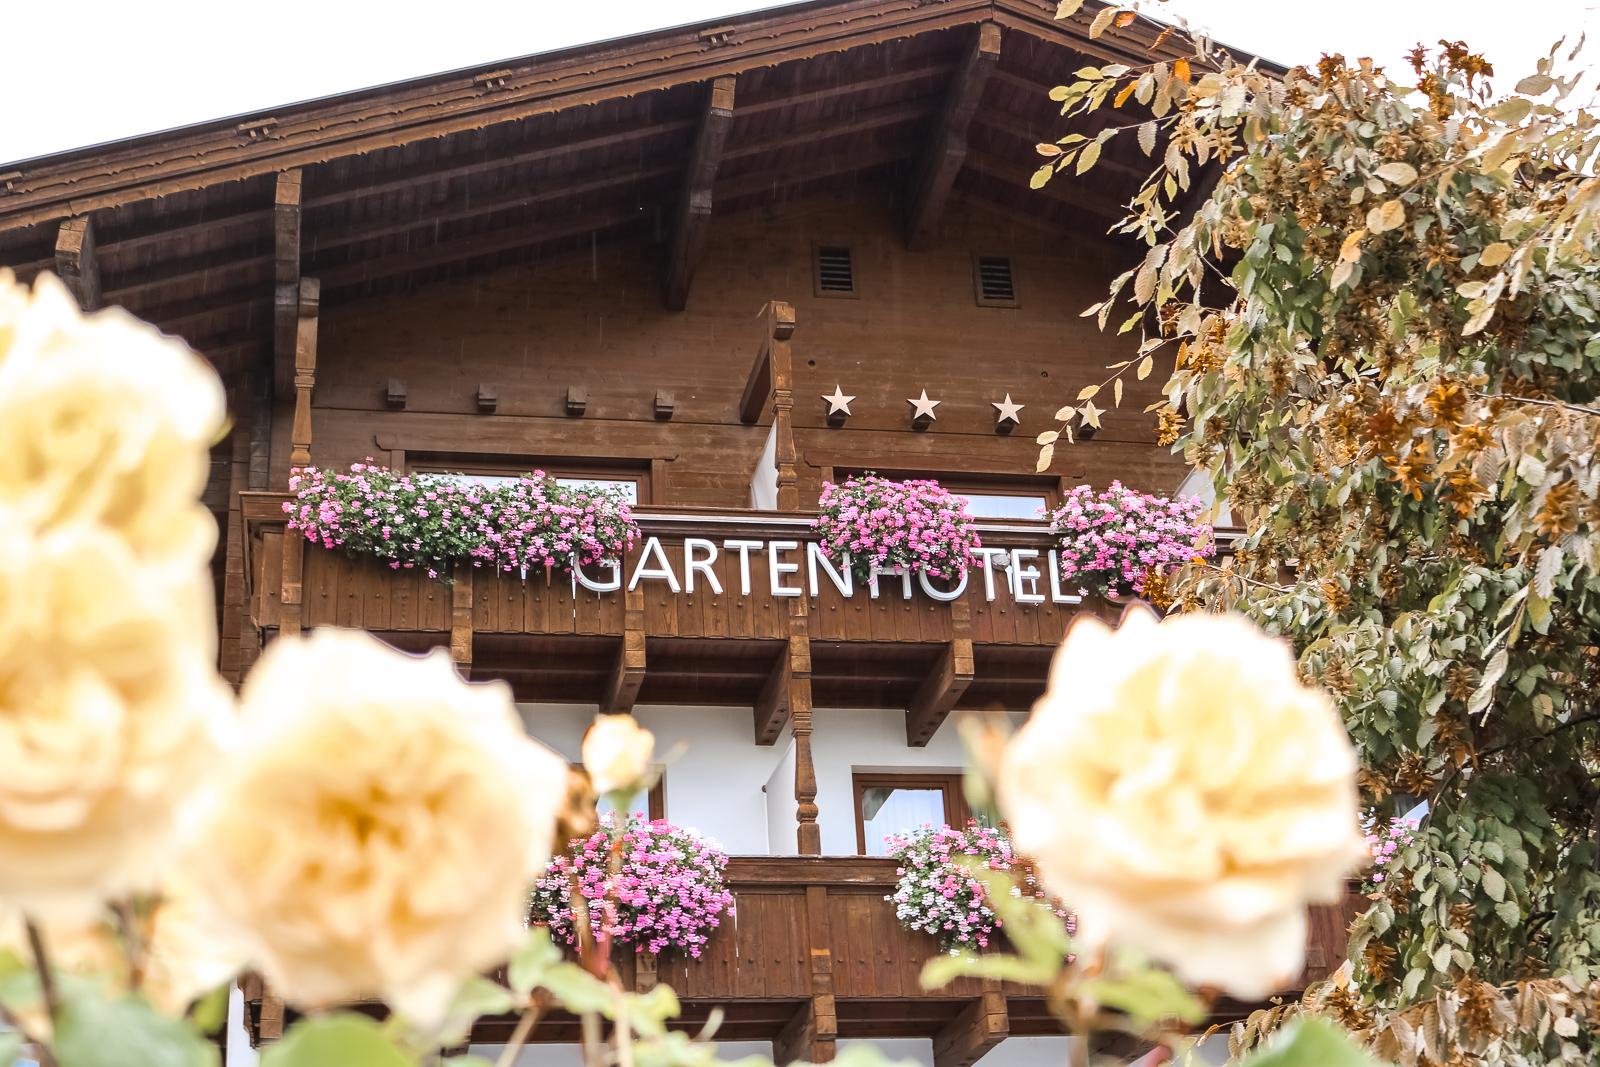 Das Gartenhotel Crystal in Fügen Tirol - Hotel Reviev - sehr schönes 4 Stern Superior Hotel im Zillertal - Hotelbewertung - Hotelempfehlung in Tirol - 4 Sterne Hotel - Reise nach Zillertal - Weekend Getaway nach Tirol - Fashionladyloves by Tamara Wagner - Reiseblogger - Travelblog - Reisen